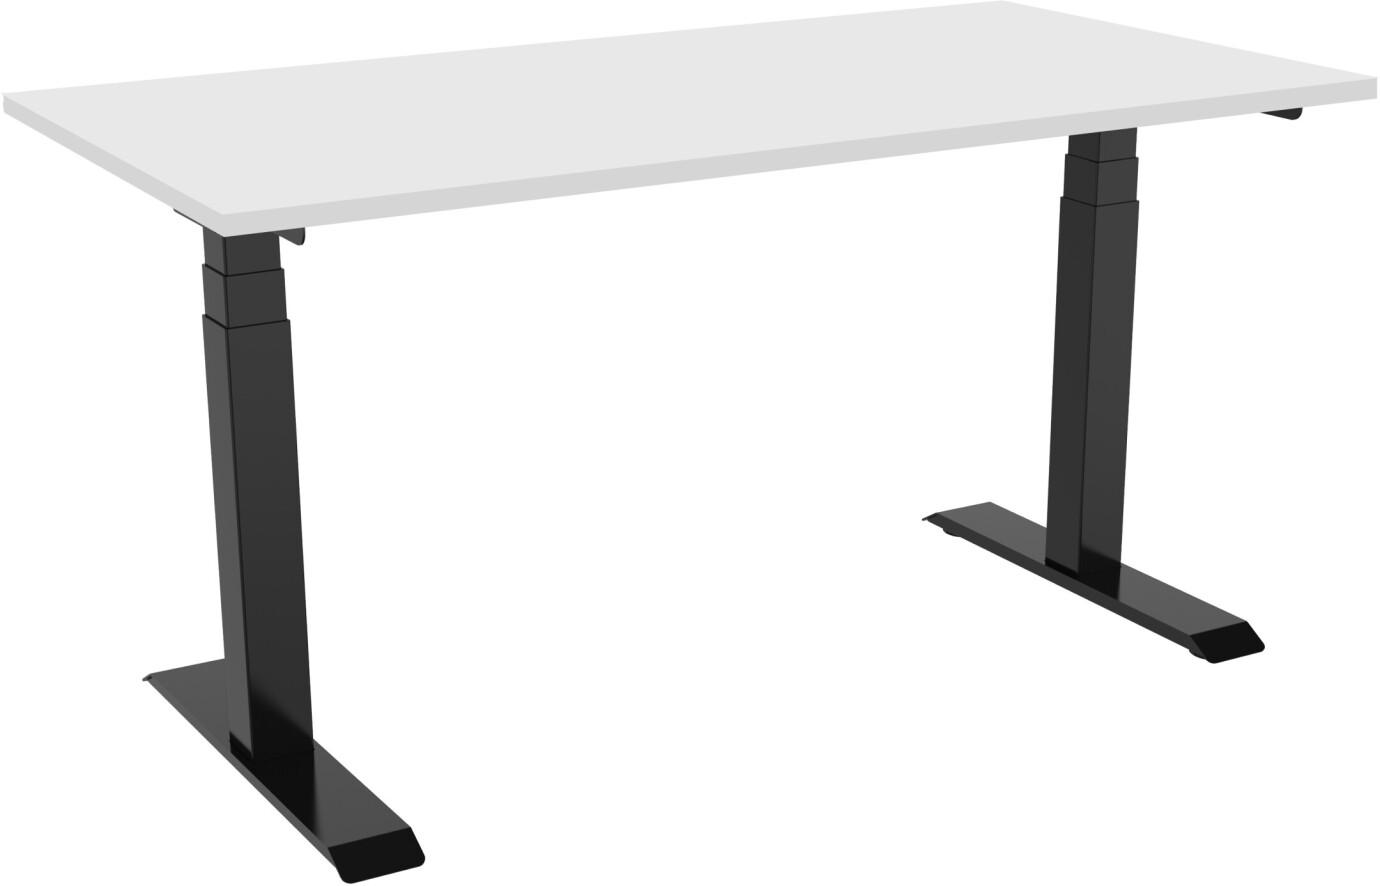 Bureau celexon PRO eAdjust-58123 réglable en hauteur électriquement - noir, avec plateau 125 x 75 cm